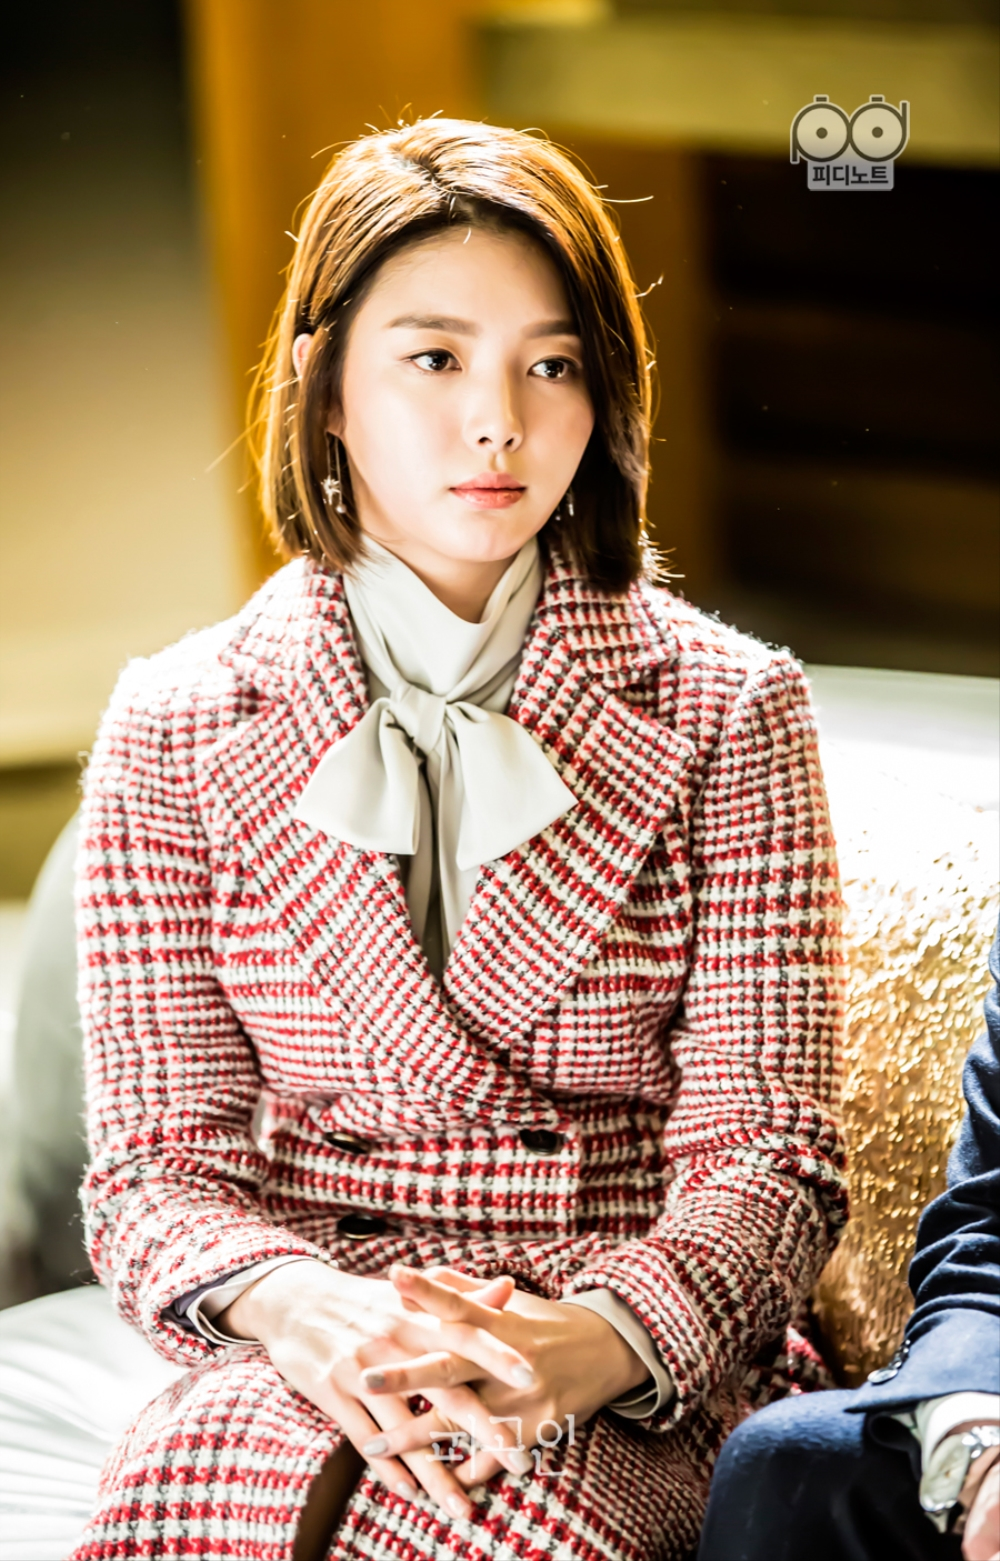 선호와 인터뷰를 하고 있는 연희의 모습. 깍지 낀 손을 무릎에 얹어 차분한 느낌으로 앉아있다.